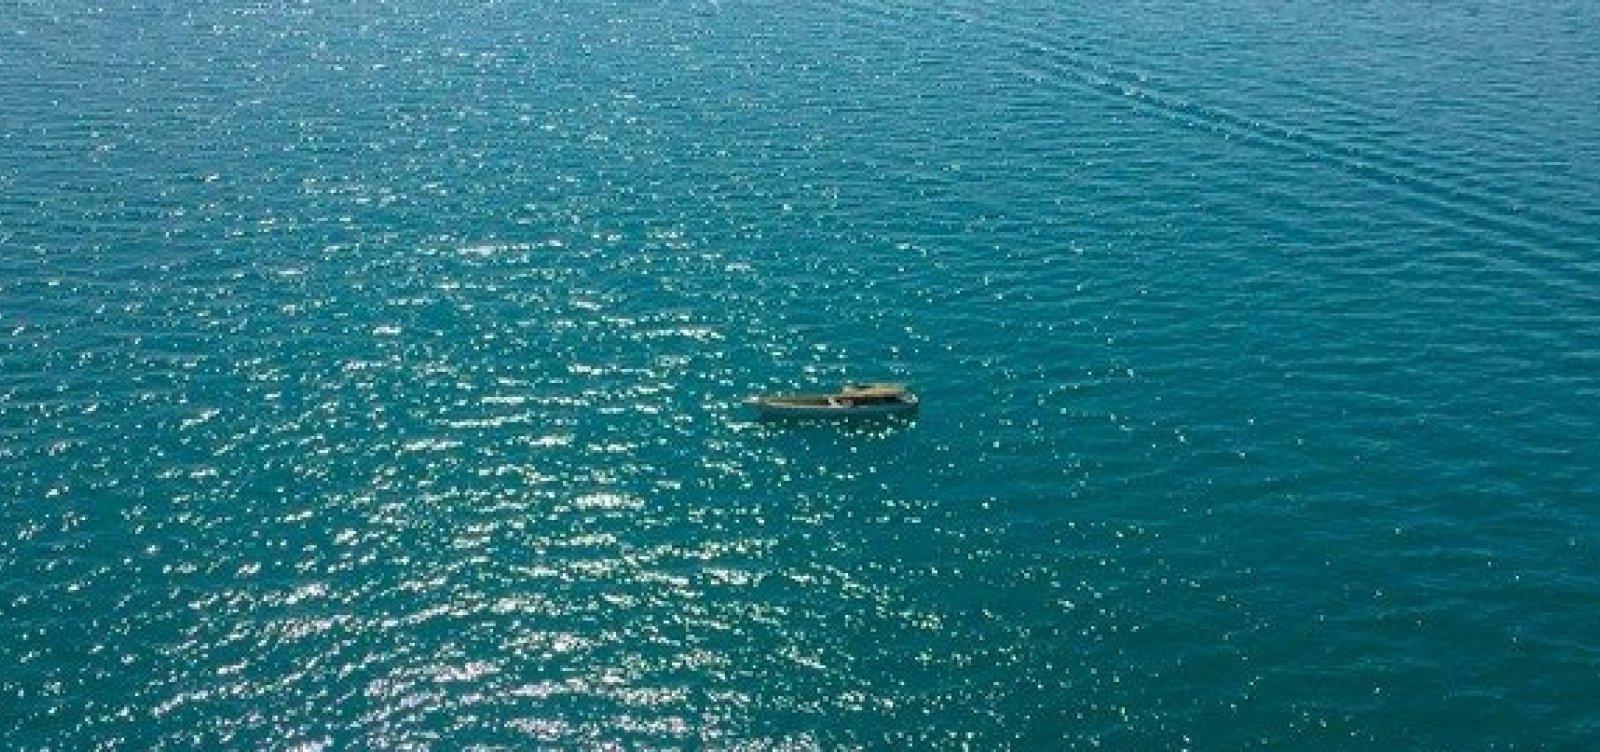 Pescadores ficam 16 horas à deriva no mar de Salvador